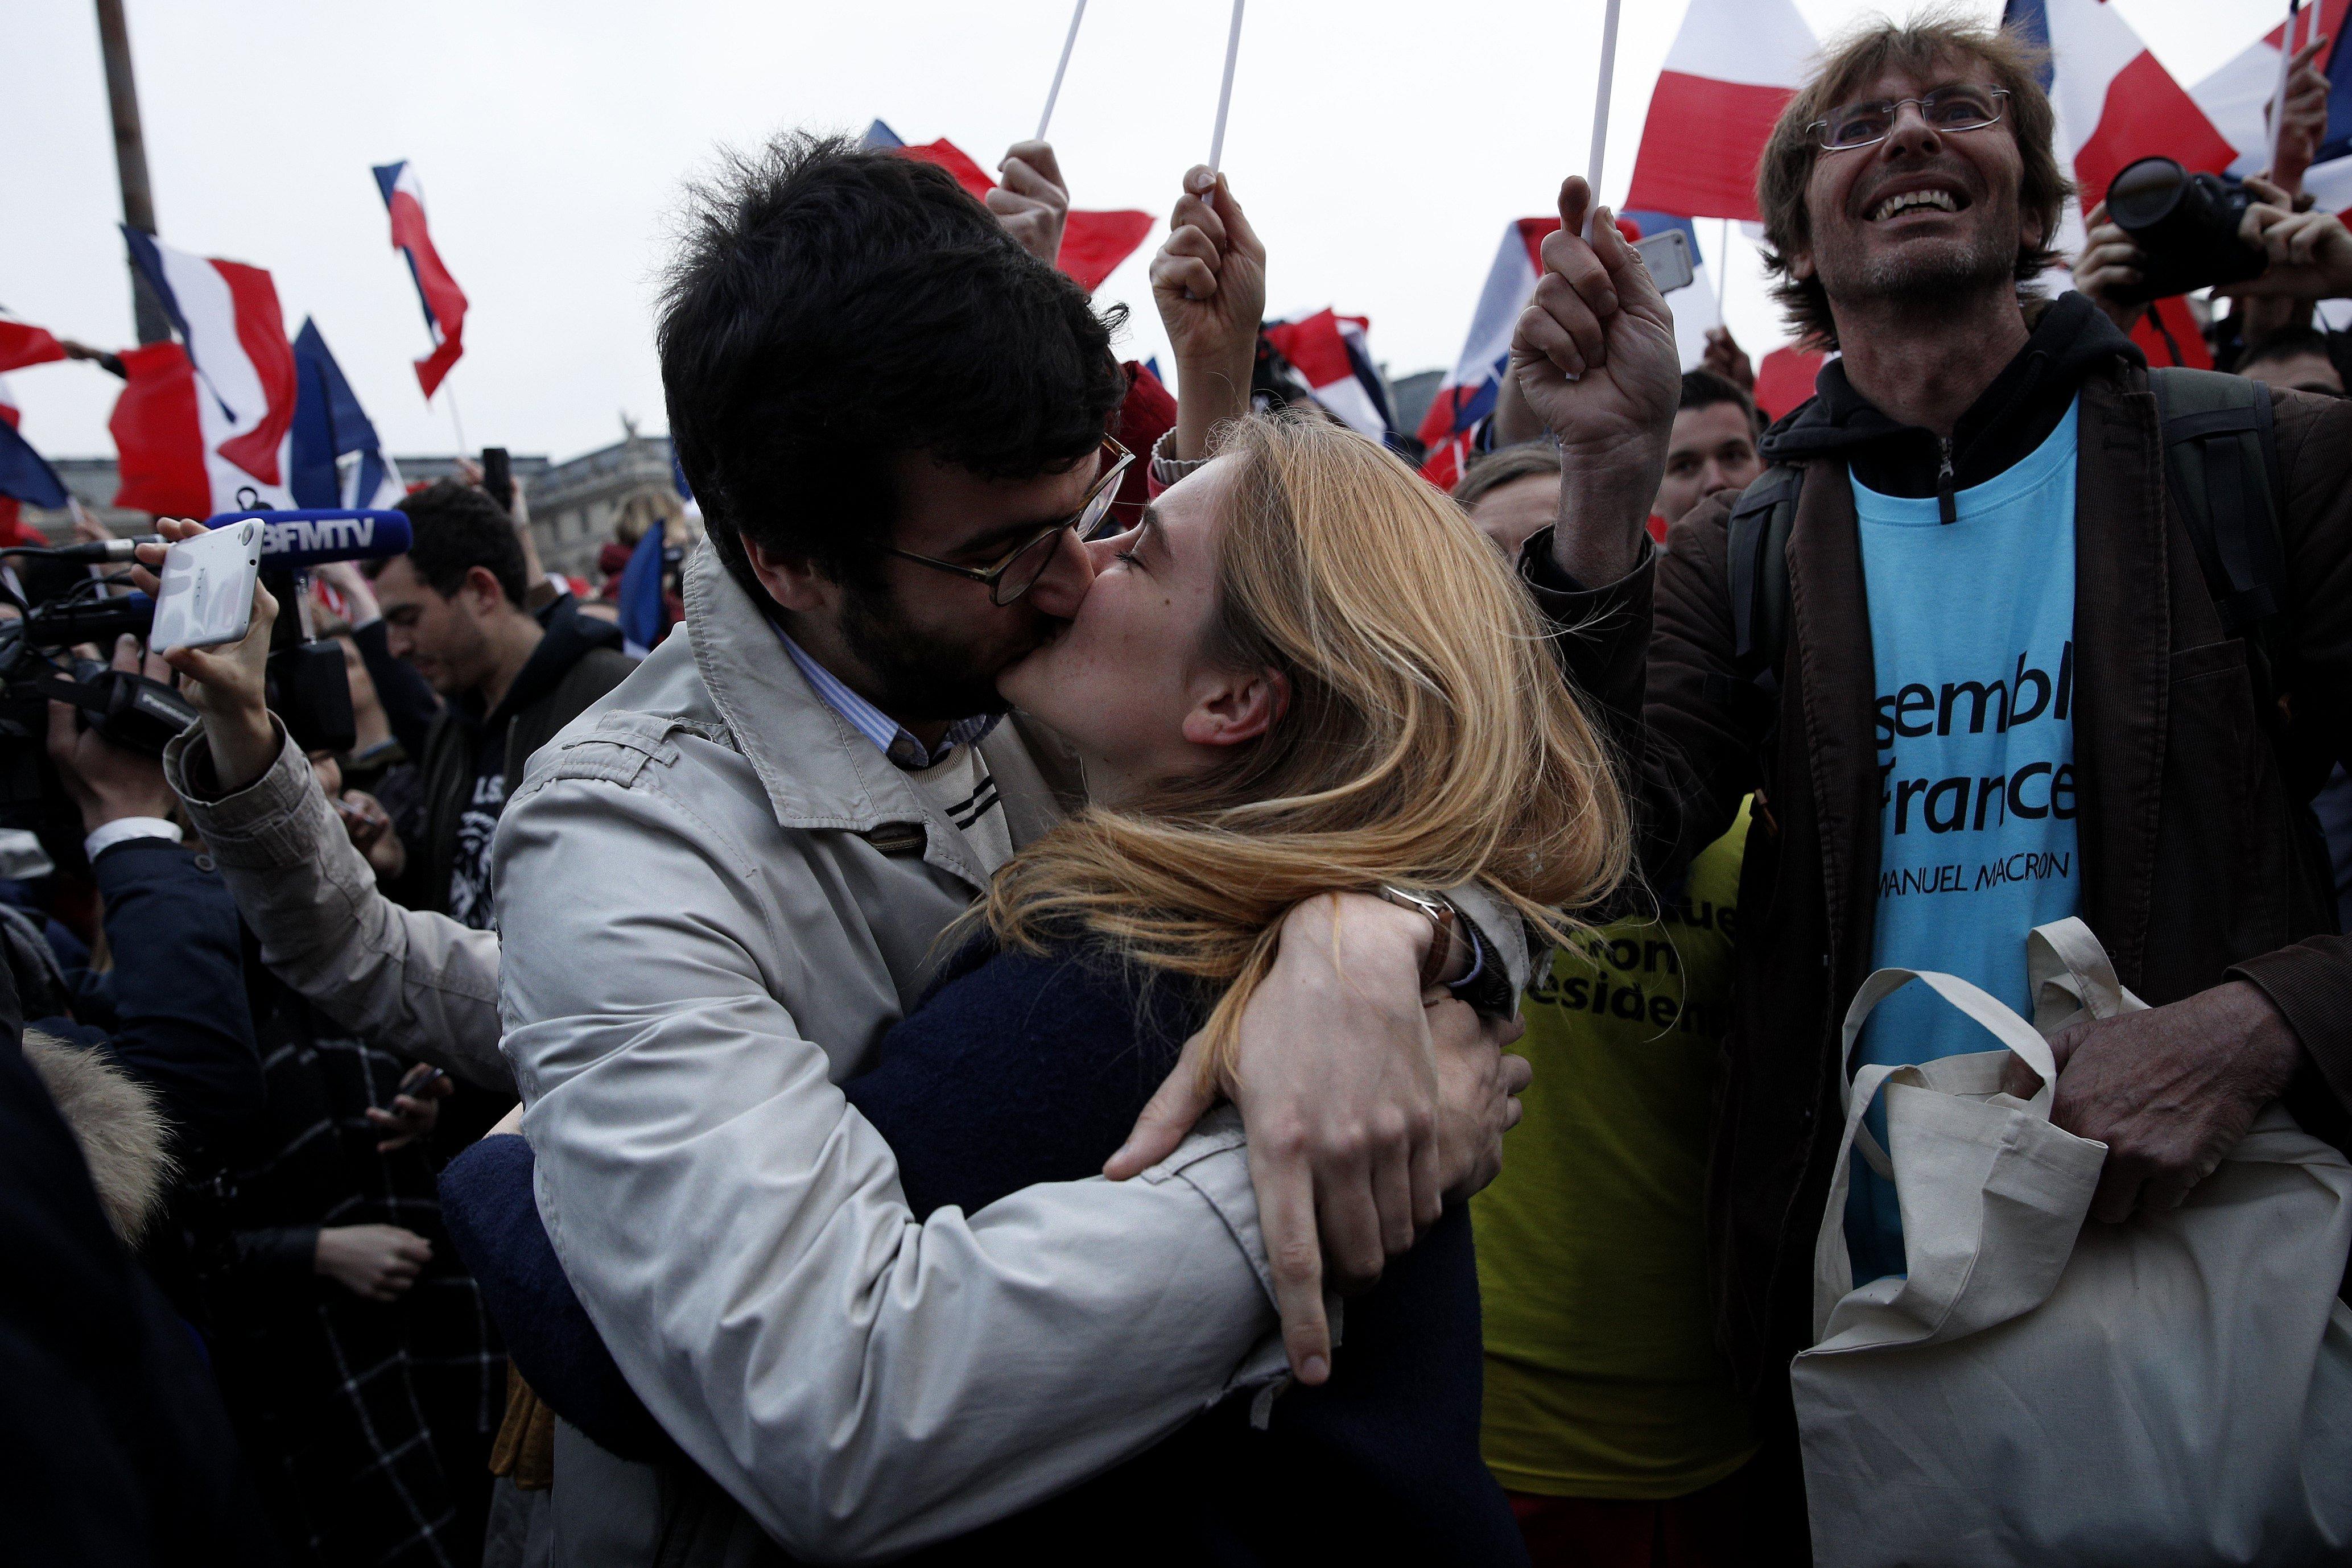 Dos joves celebren la victoria del socioliberal Emmanuel Macron a la segona volta de les eleccions presidencials franceses. /YOAN VALAT